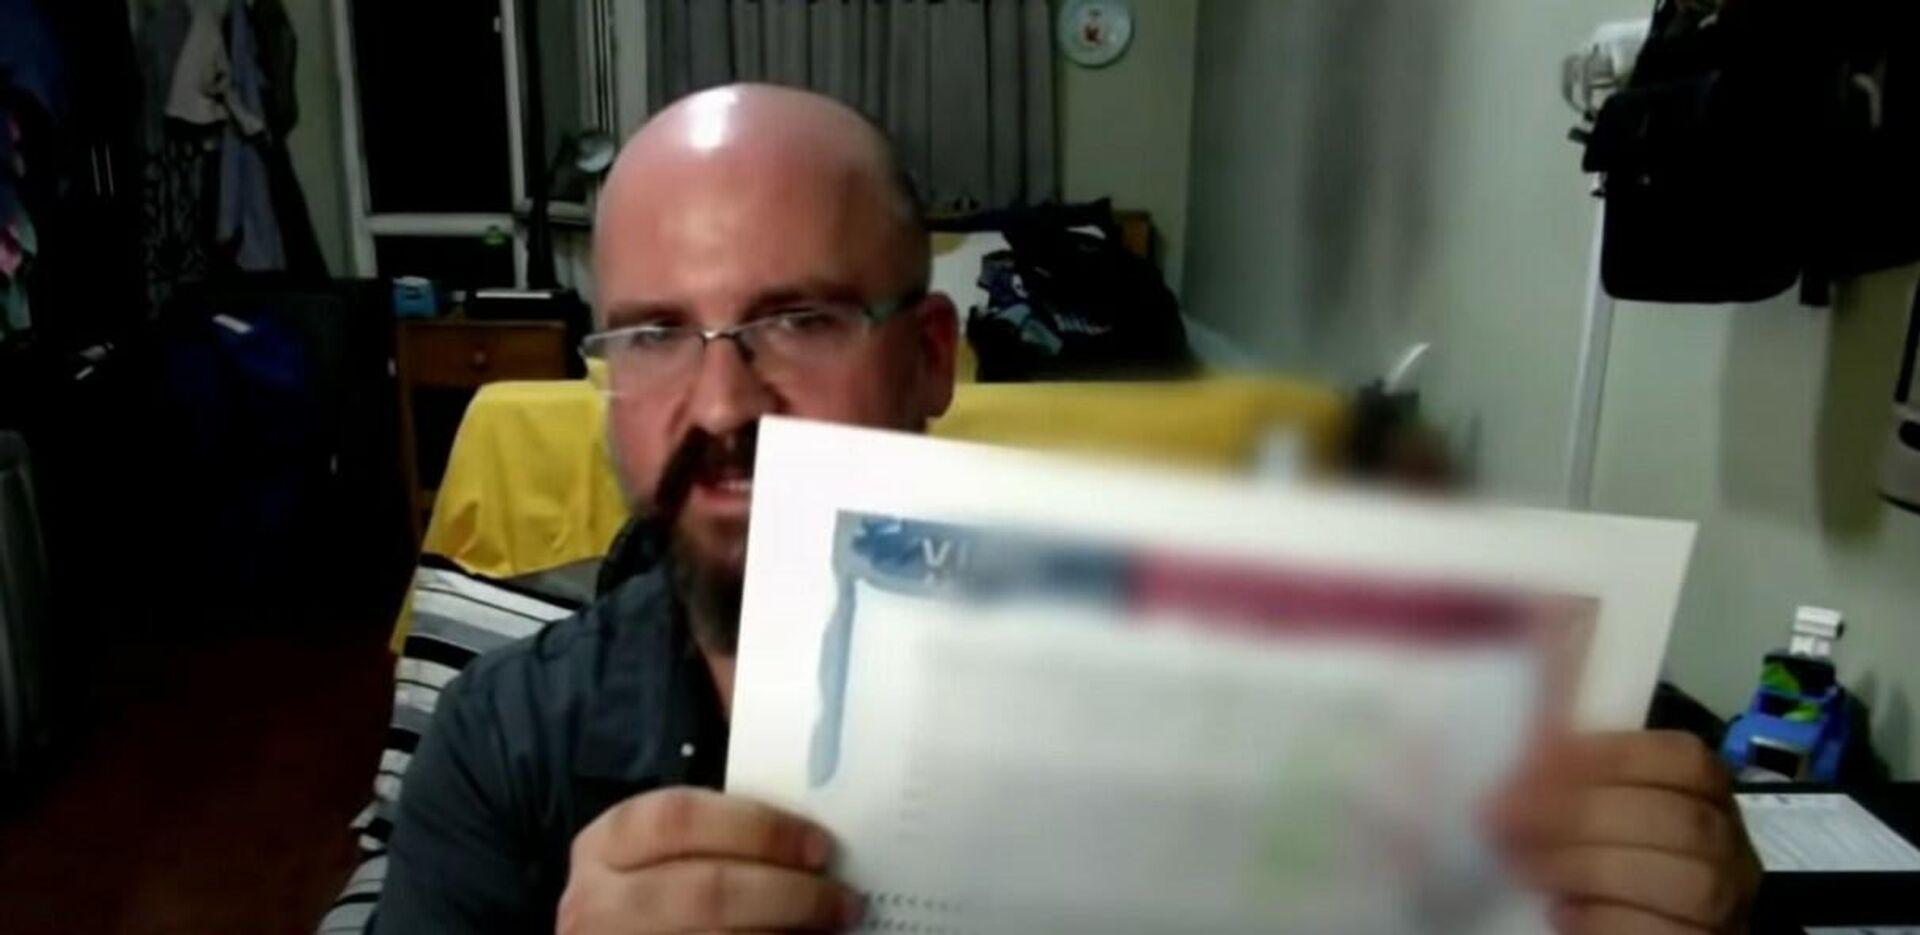 David Fox mostrando una copia del documento que le envió el Departamento de Estado - Sputnik Mundo, 1920, 22.08.2021